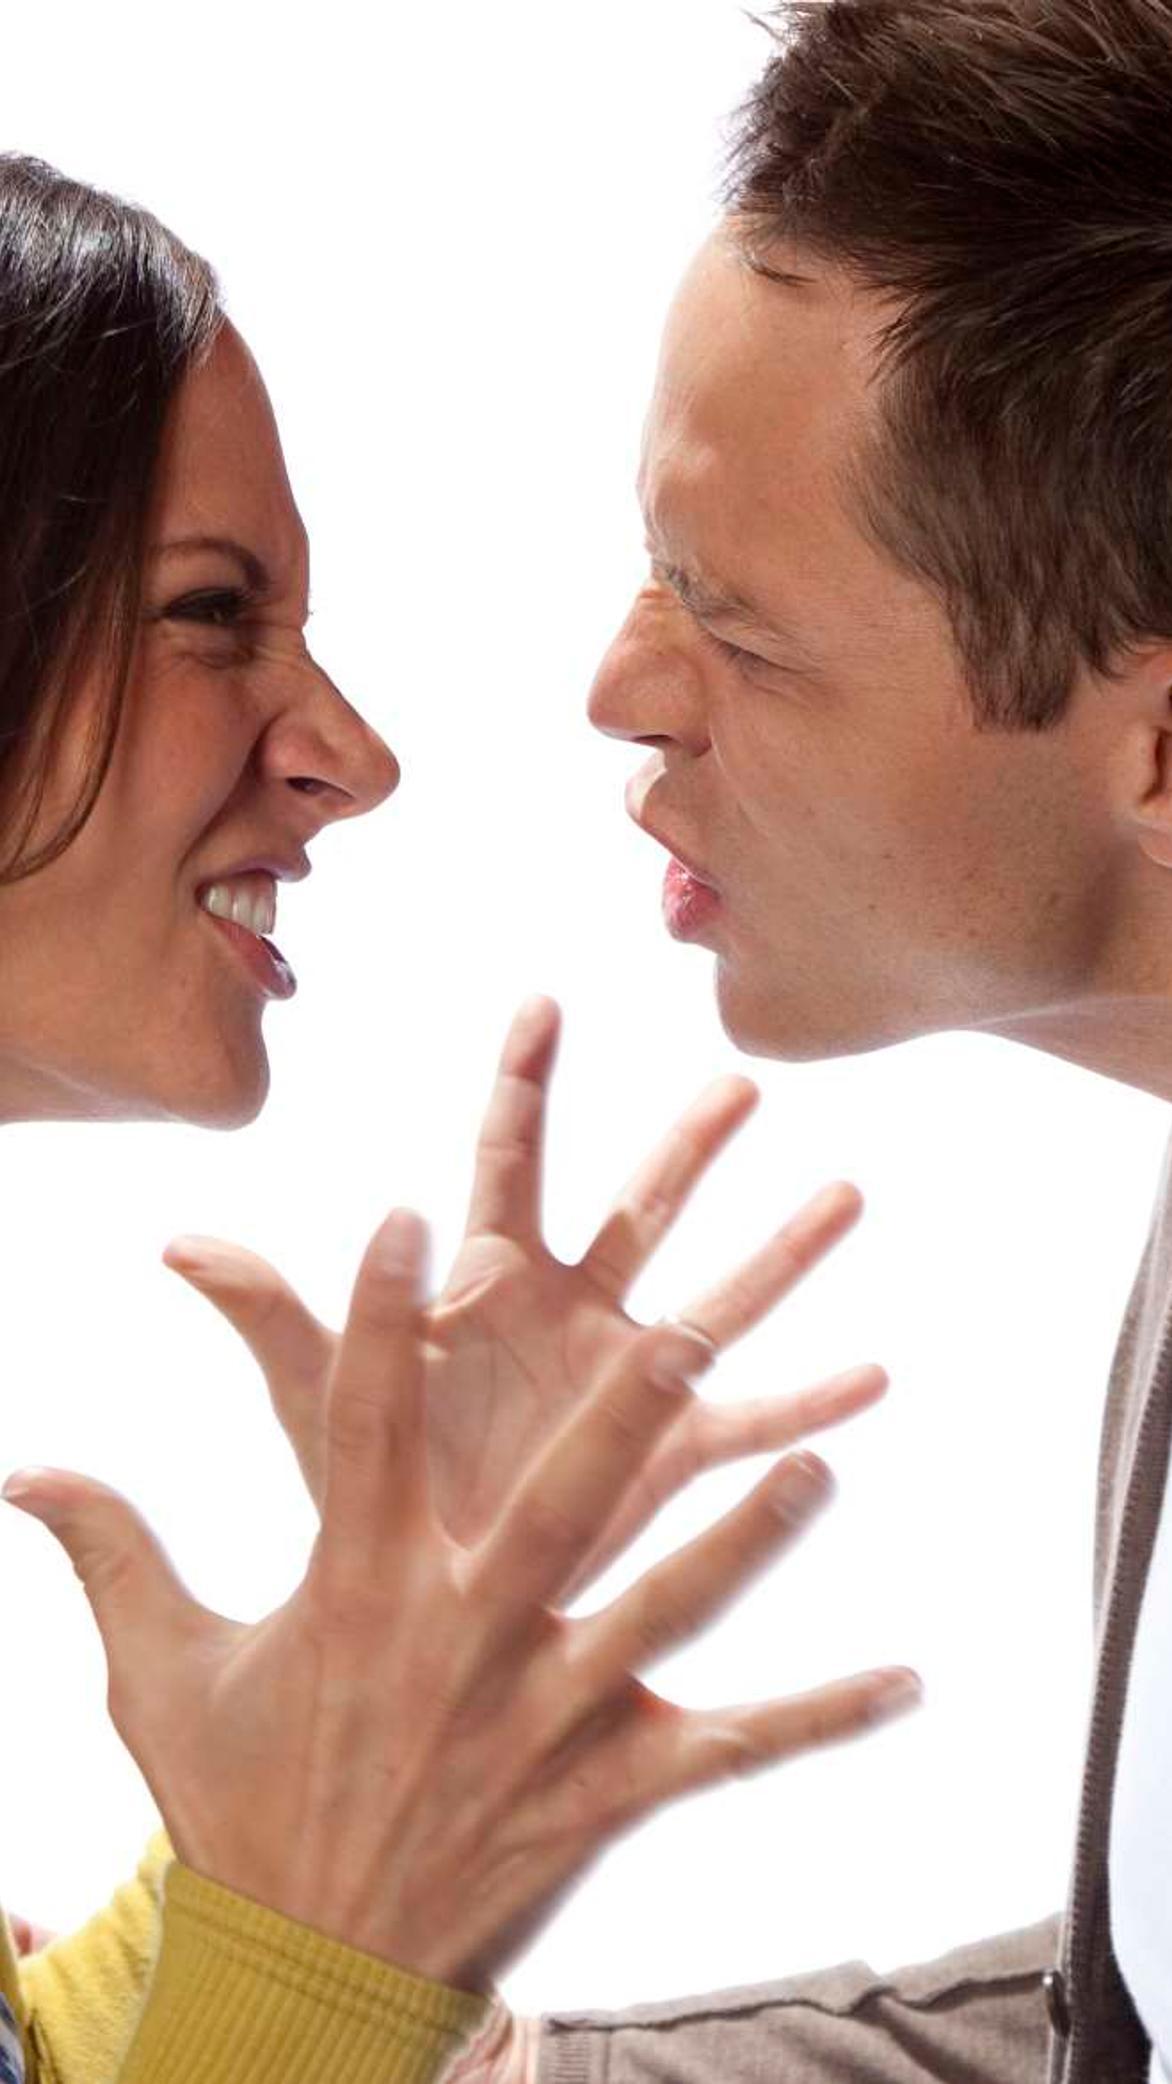 dating on 21-luvulla on ylivoimaisesti naurettava